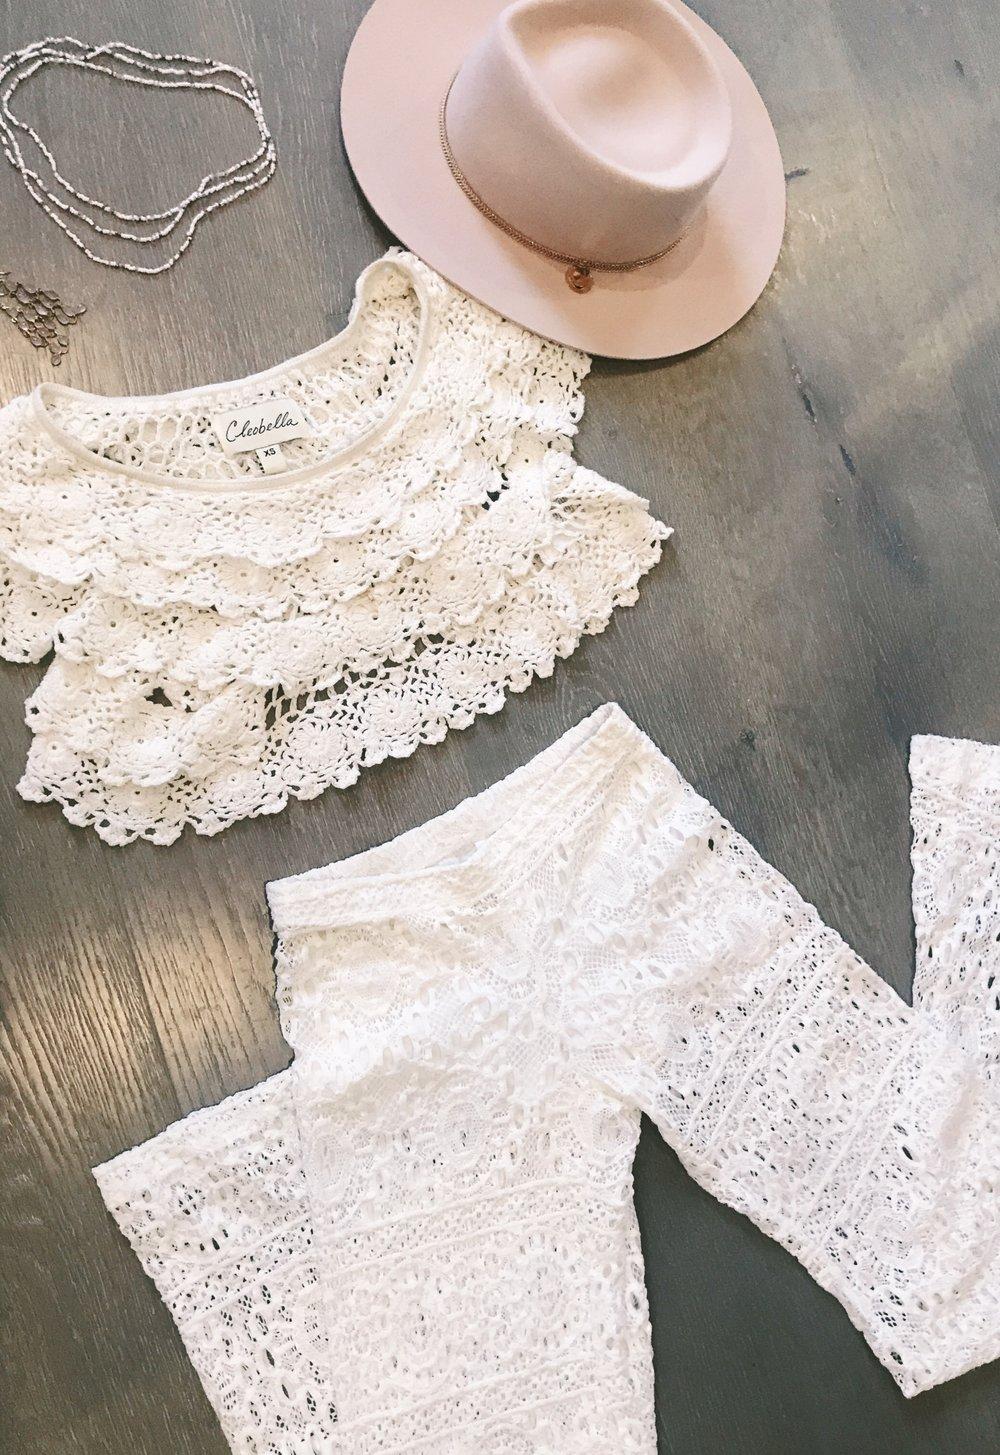 Nightcap lace pants with Cleobella crochet crop top!